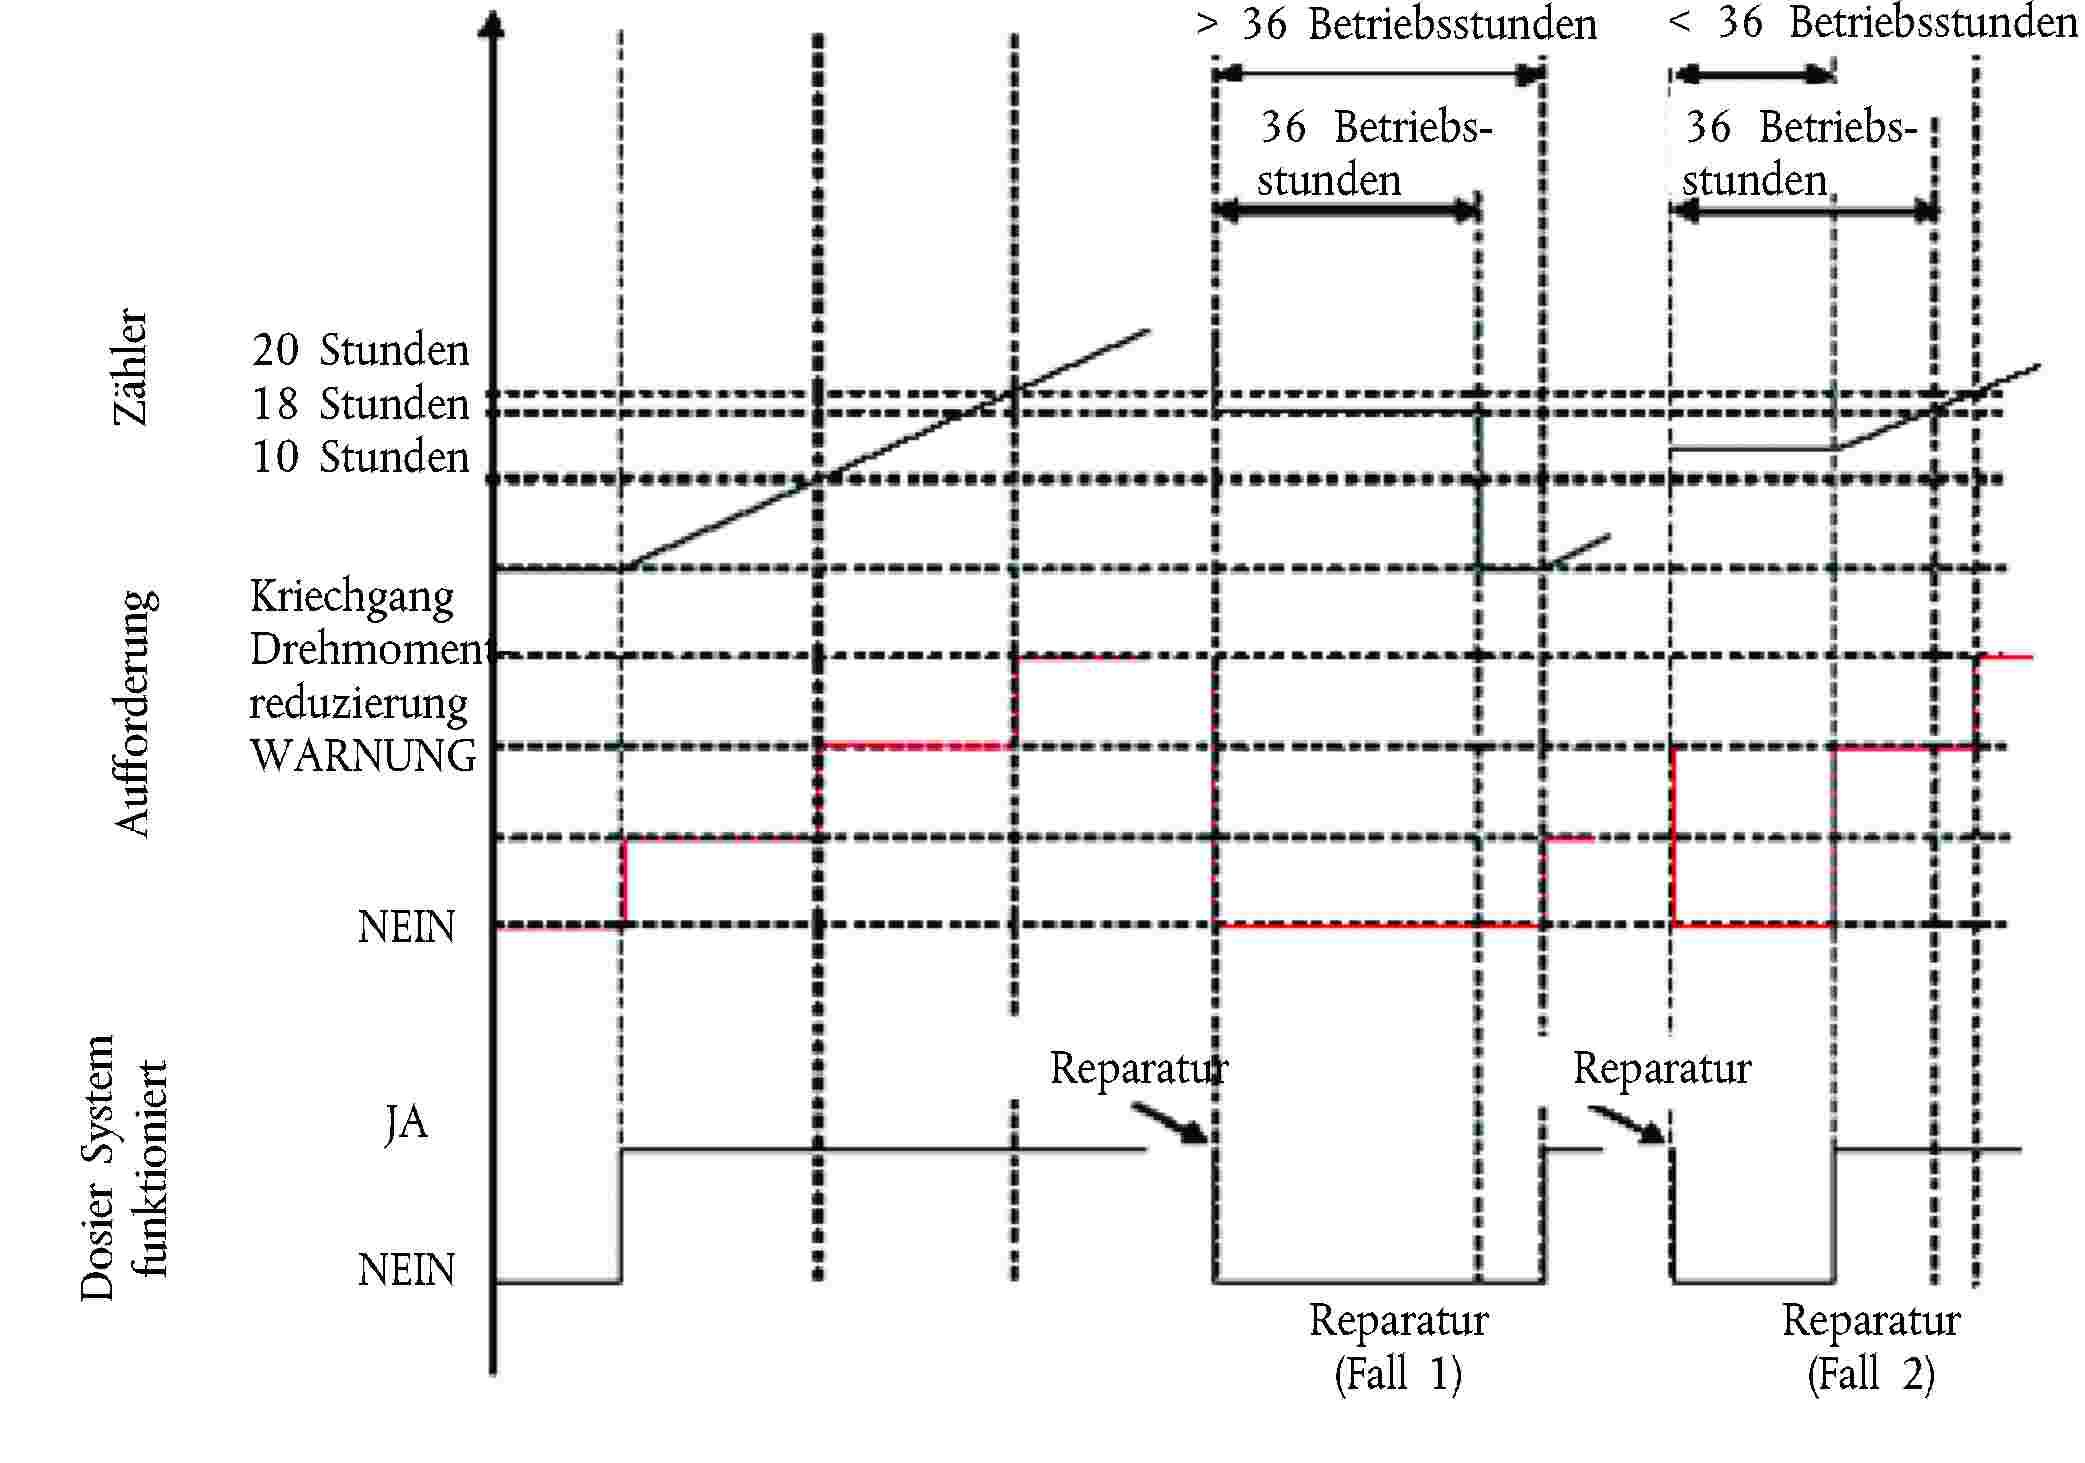 Charmant 1998 Saturn Sc2 Radiodraht Diagramm Zeitgenössisch - Der ...